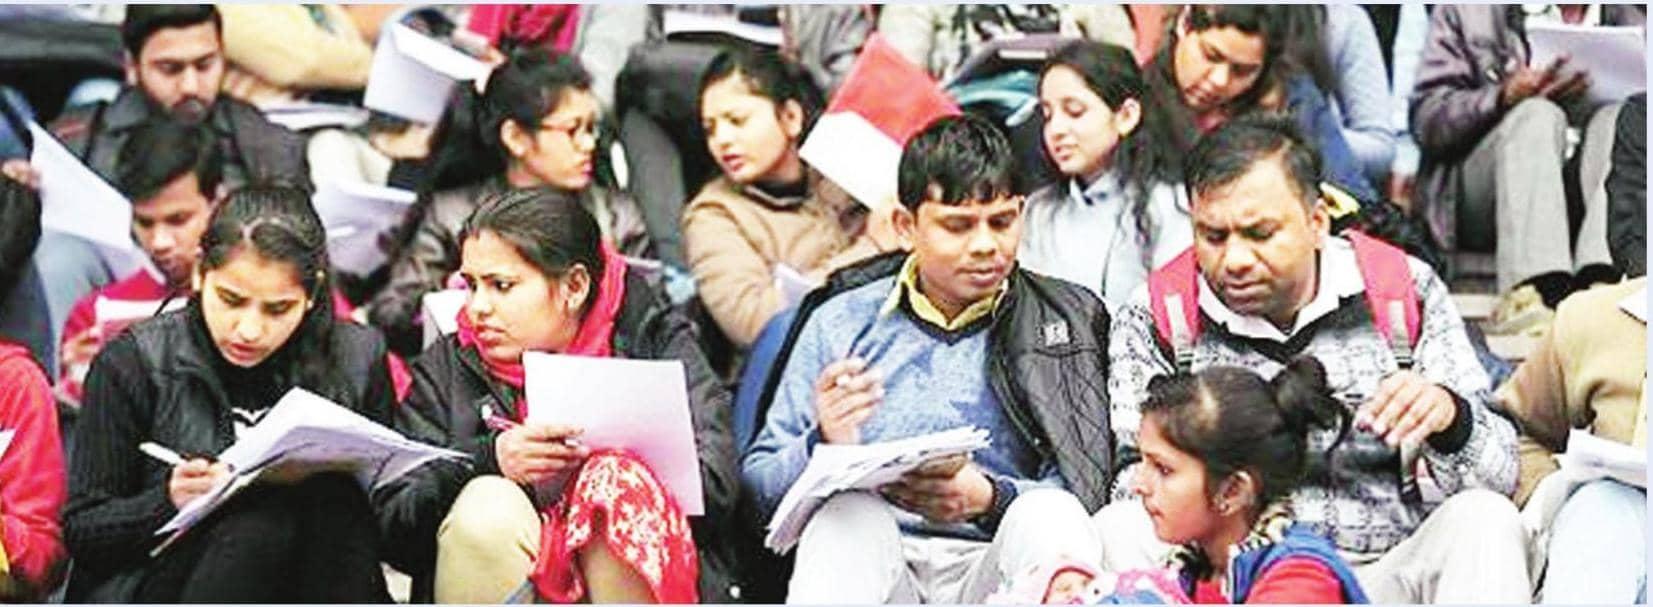 இந்தியாவின் வேலைவாய்ப்பின்மை விகிதம் 24.3 விழுக்காடாக அதிகரிப்பு